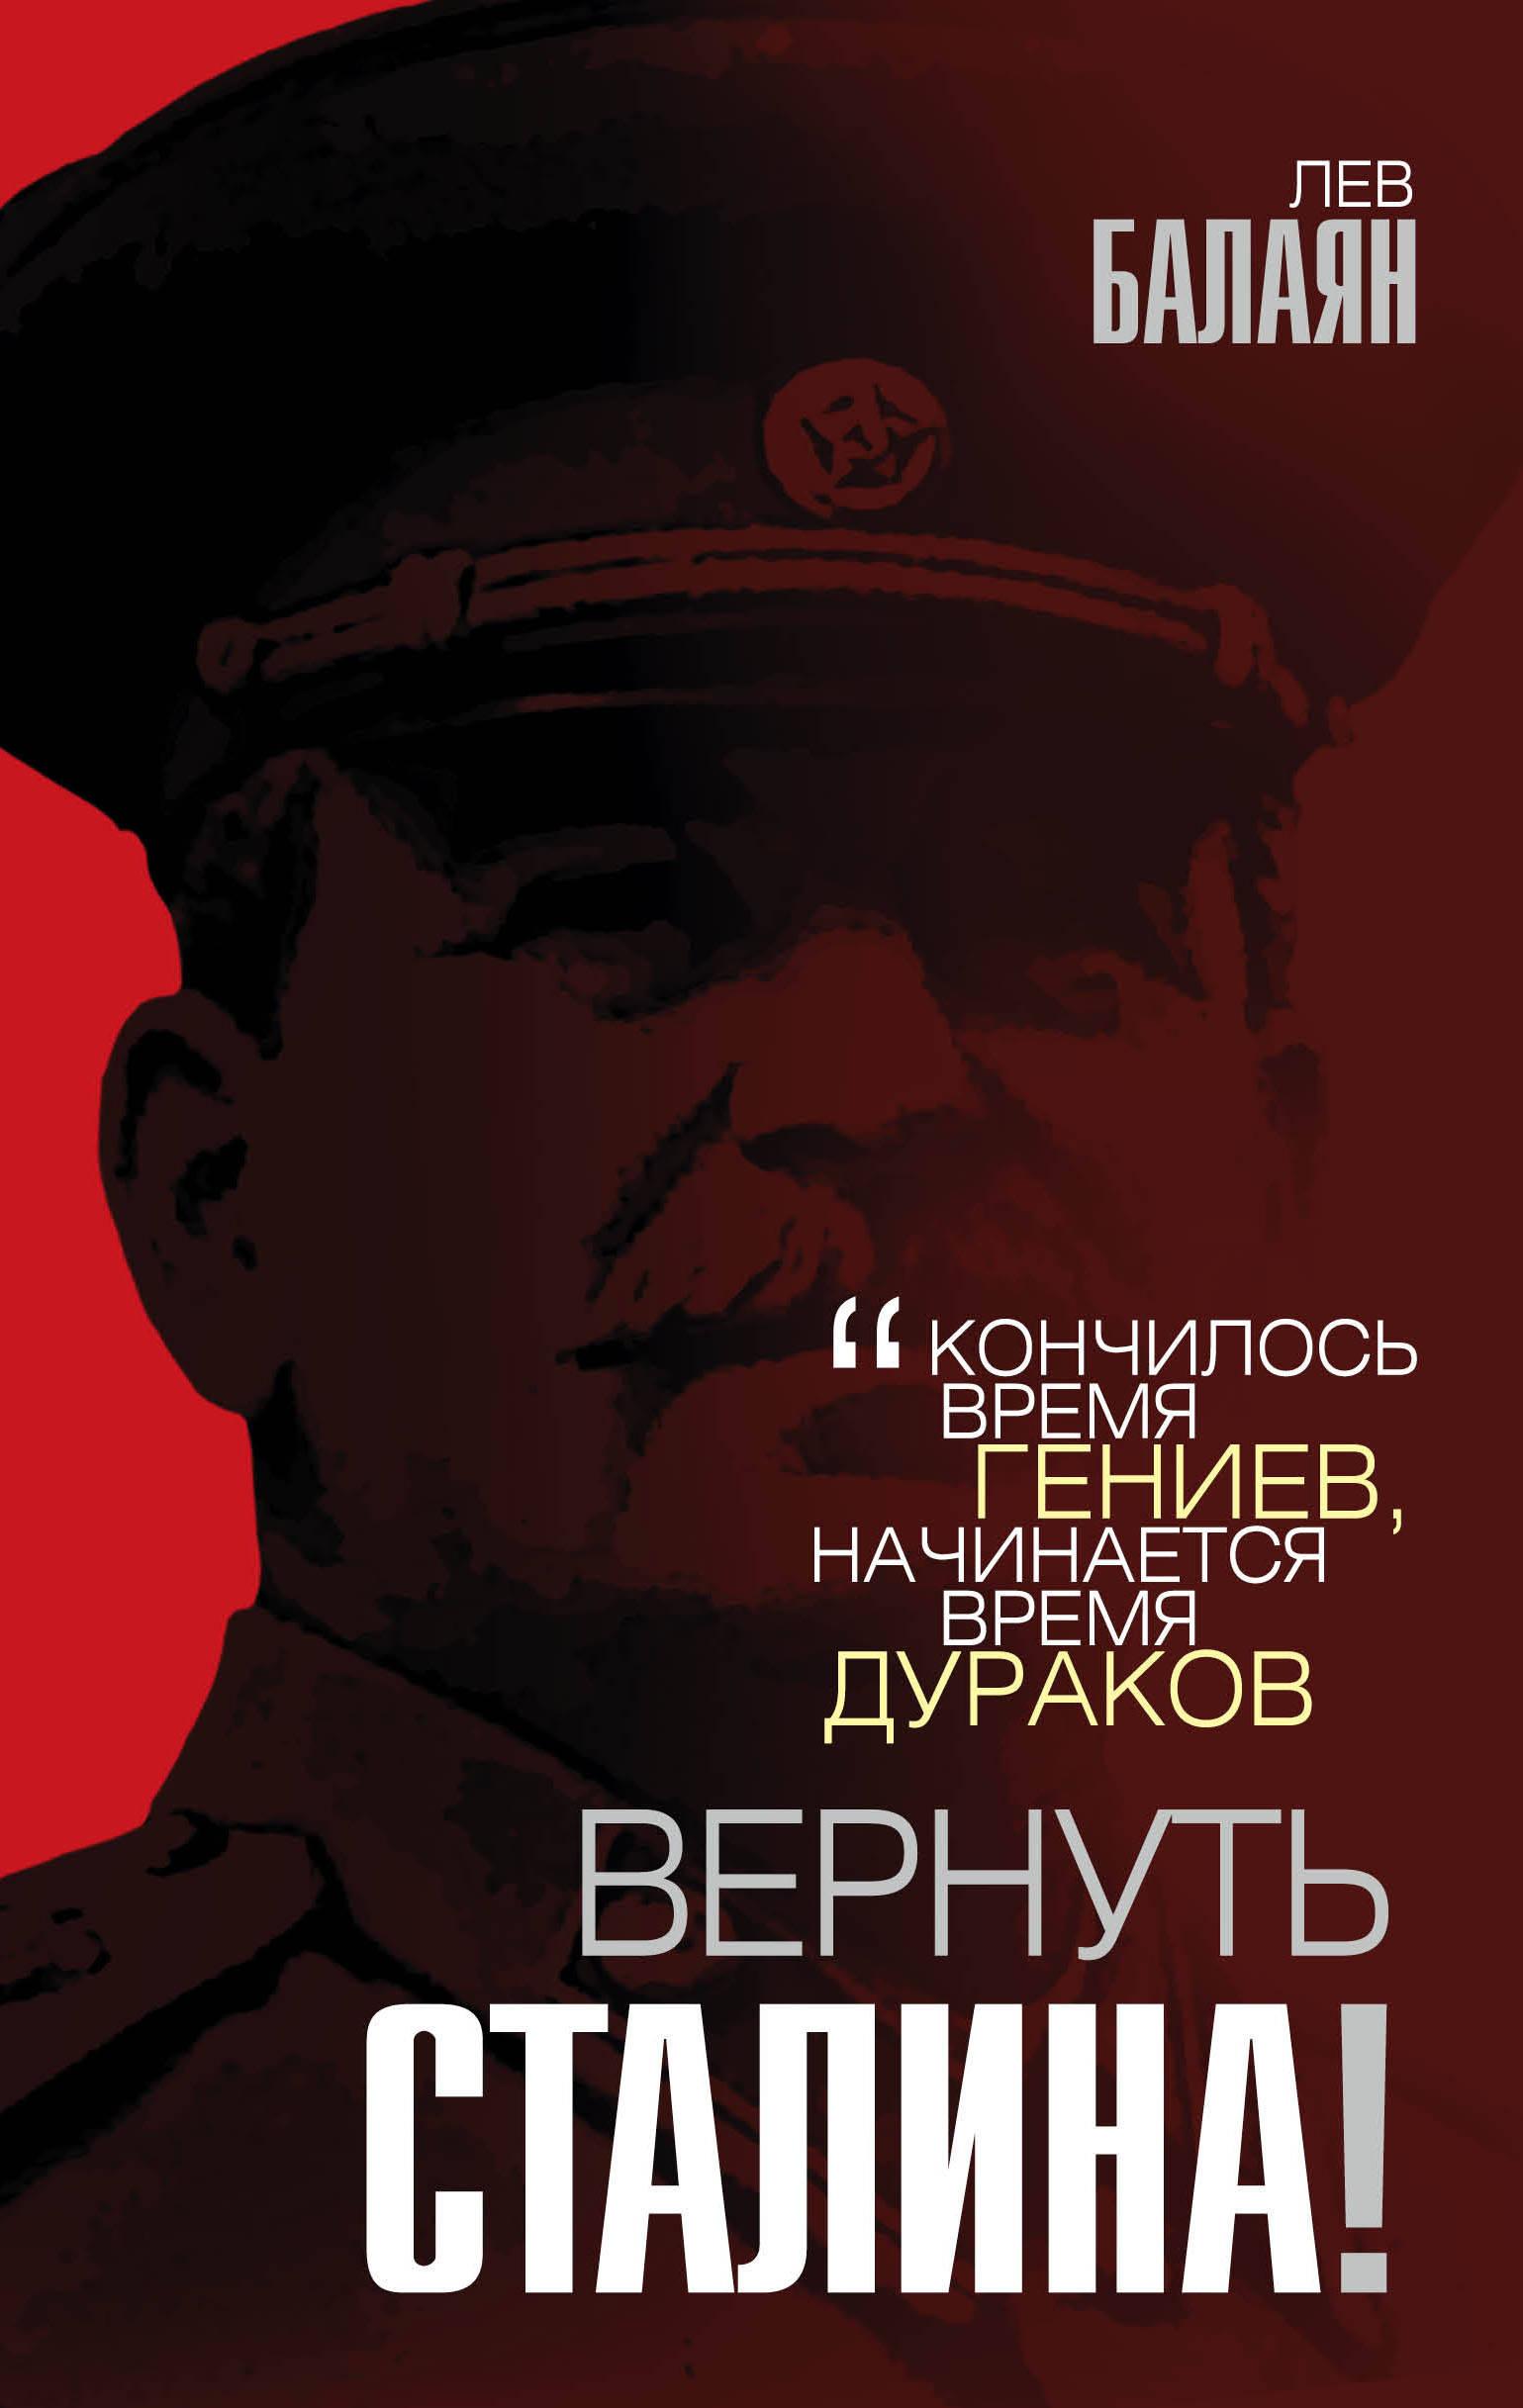 Vernut Stalina!